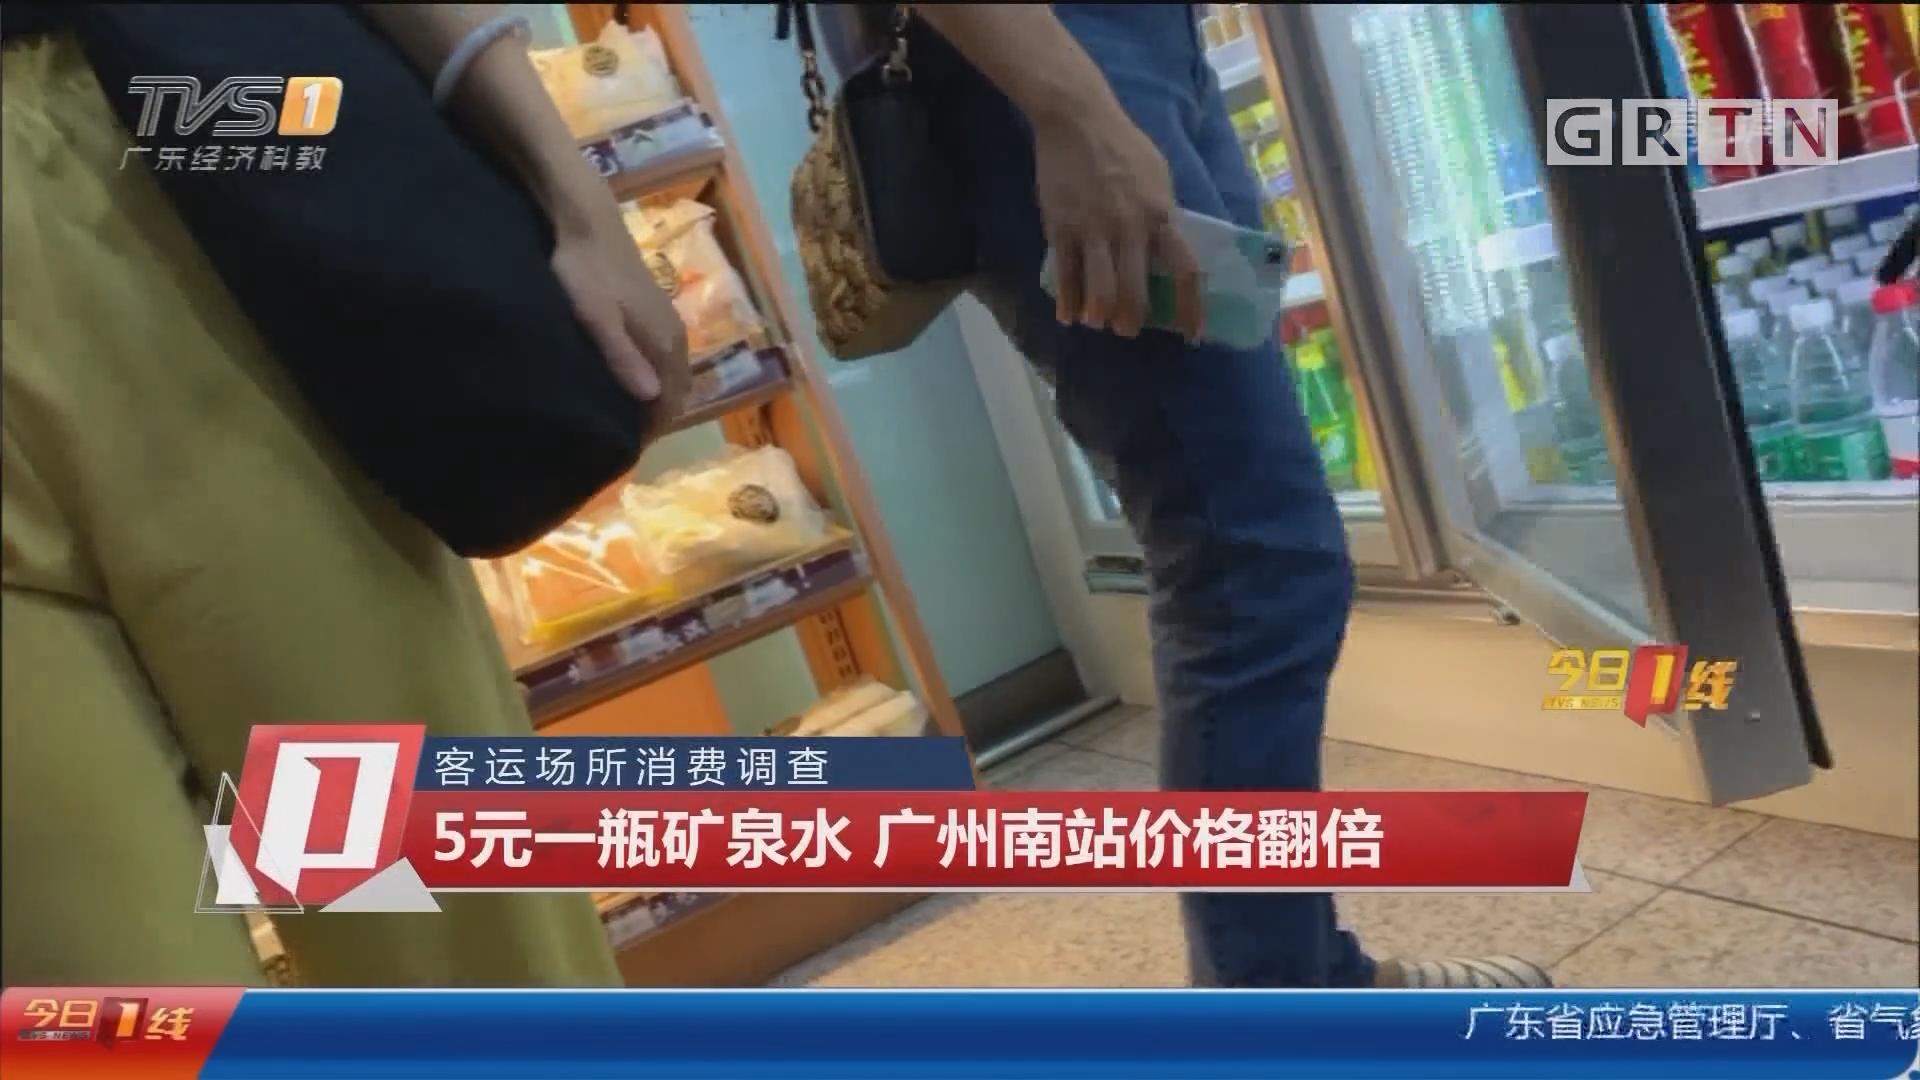 客运场所消费调查:5元一瓶矿泉水 广州南站价格翻倍